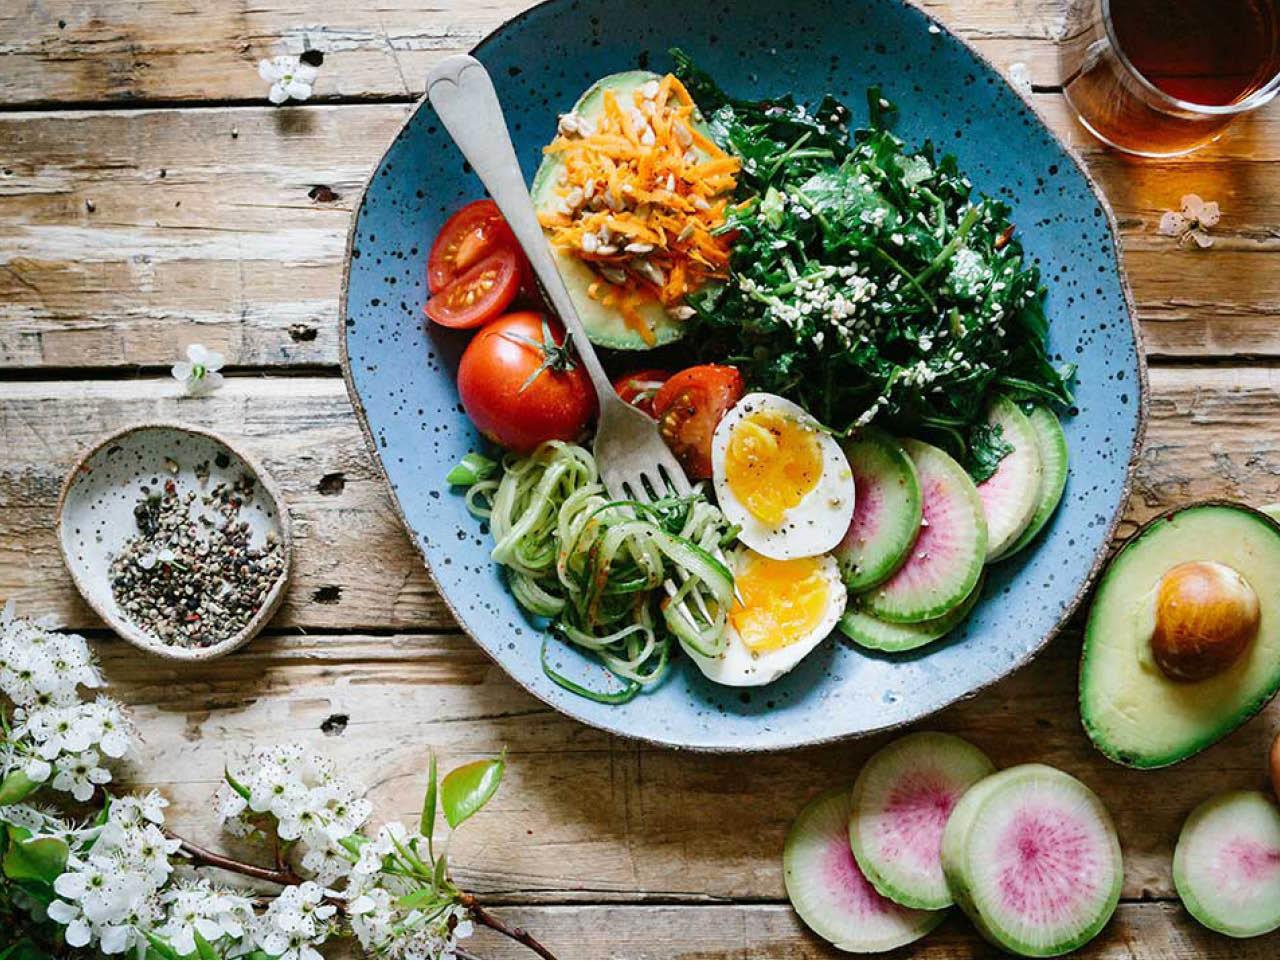 Dietas alimenticias para la cuarentena